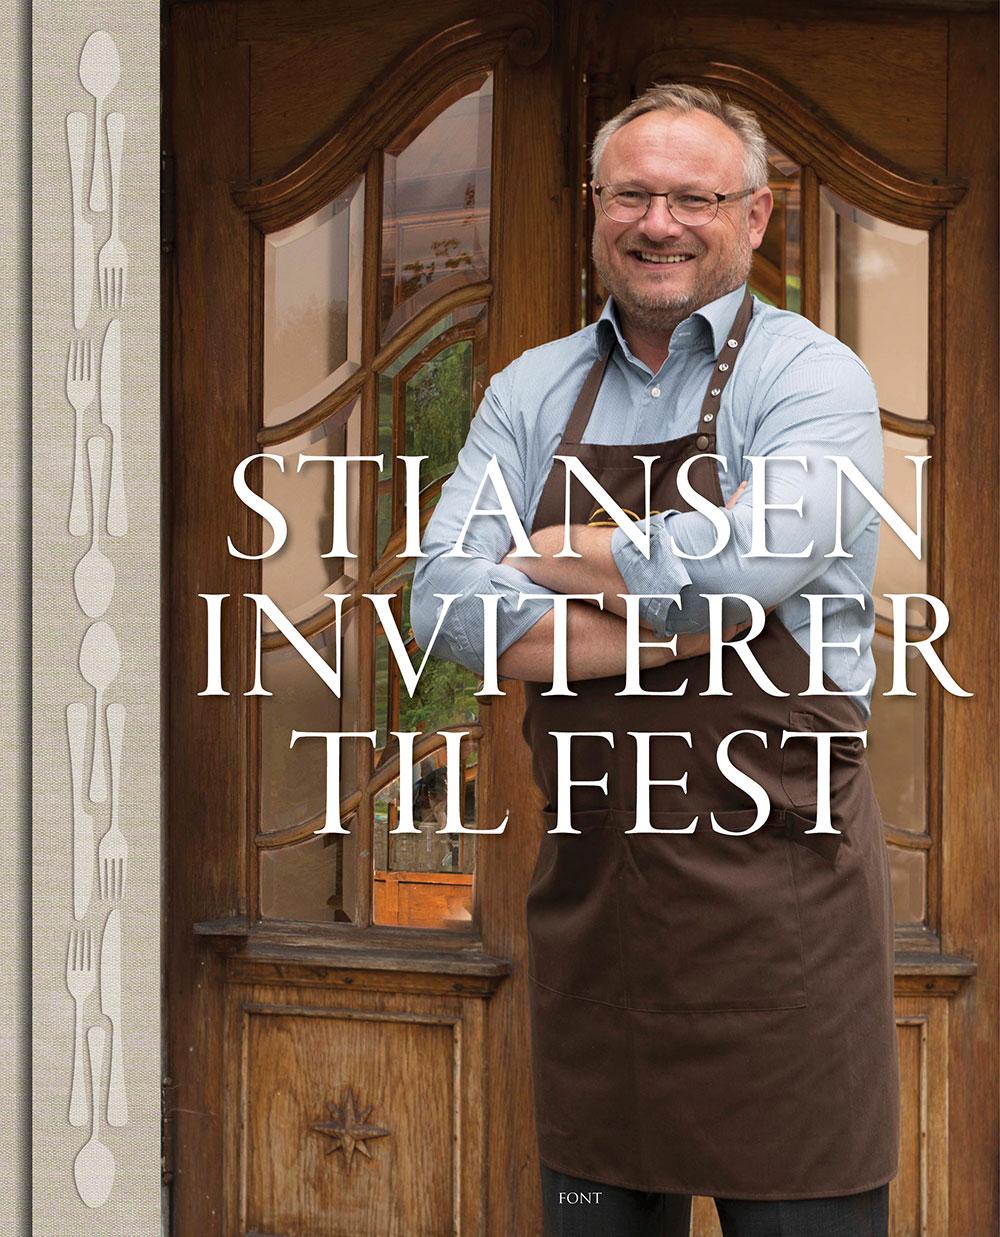 Stiansen Inviterer Til Fest Av Annette Og Bent Stiansen